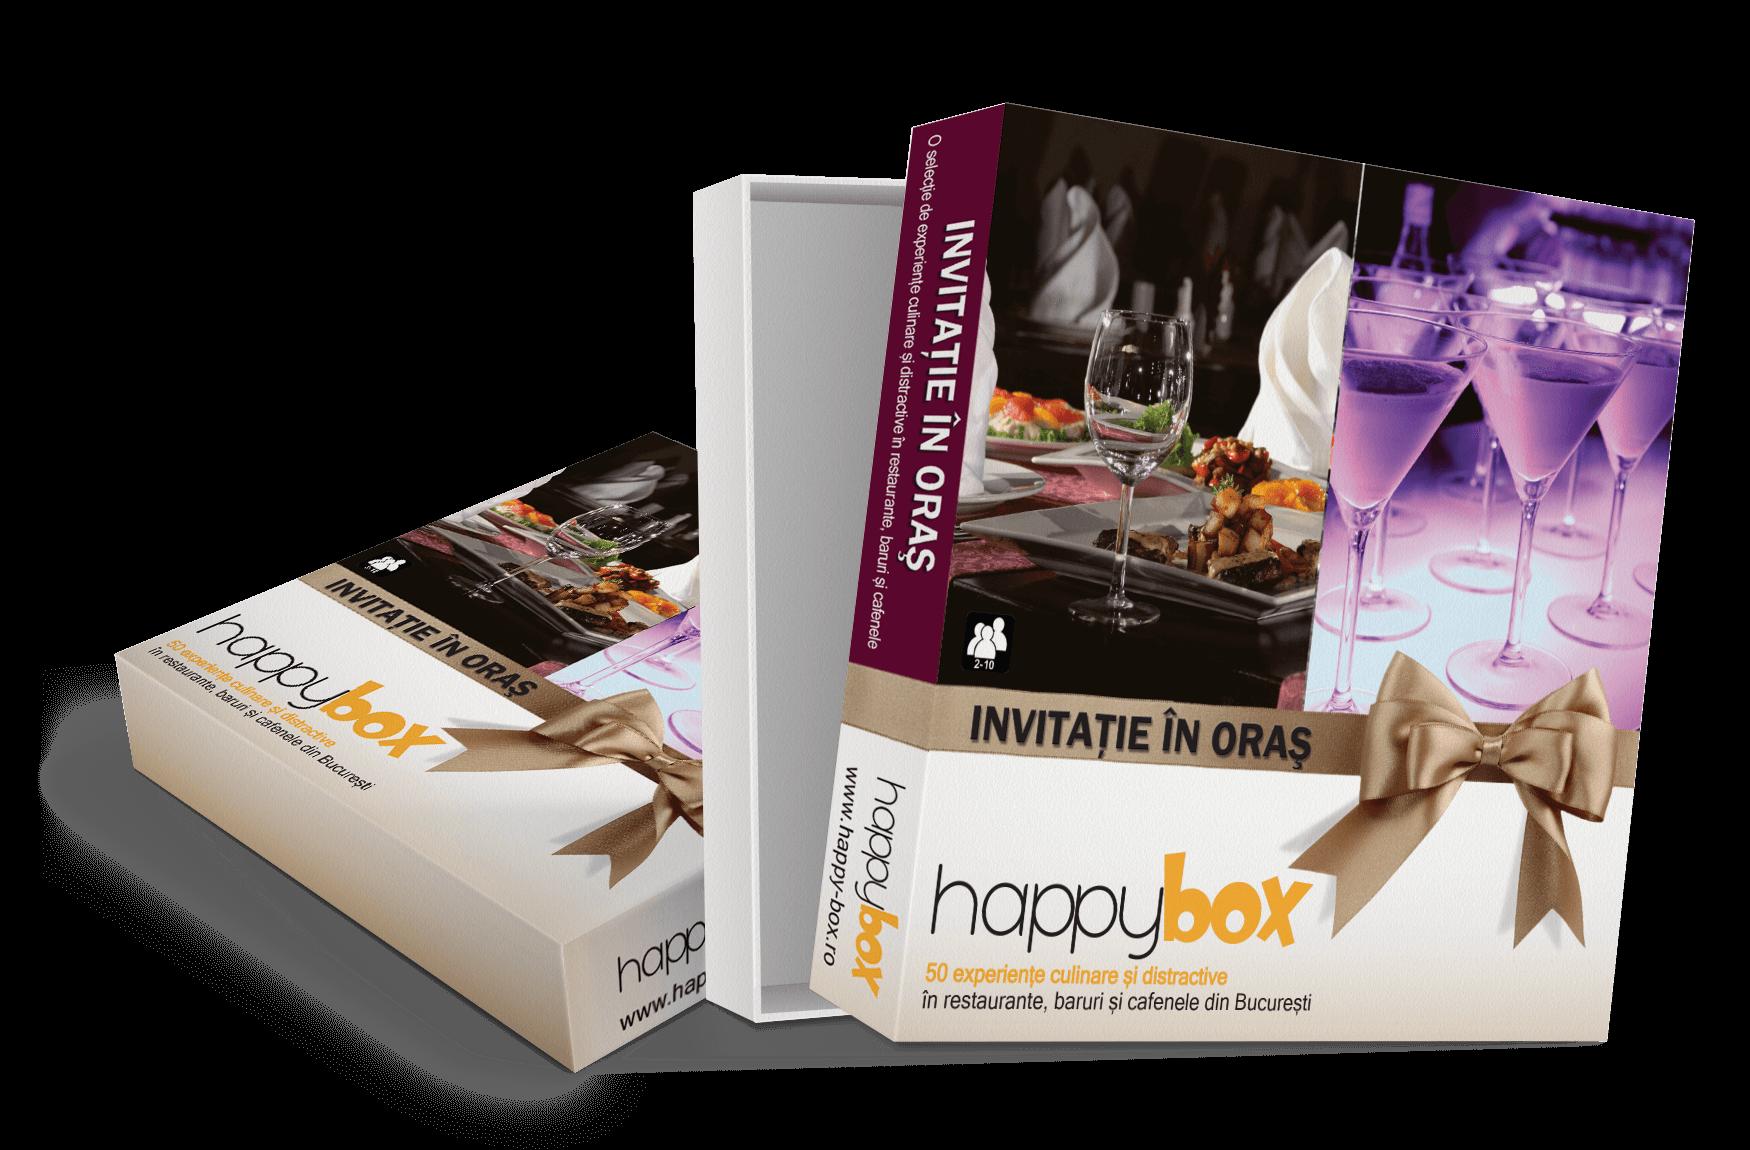 Happy Box Moors Design